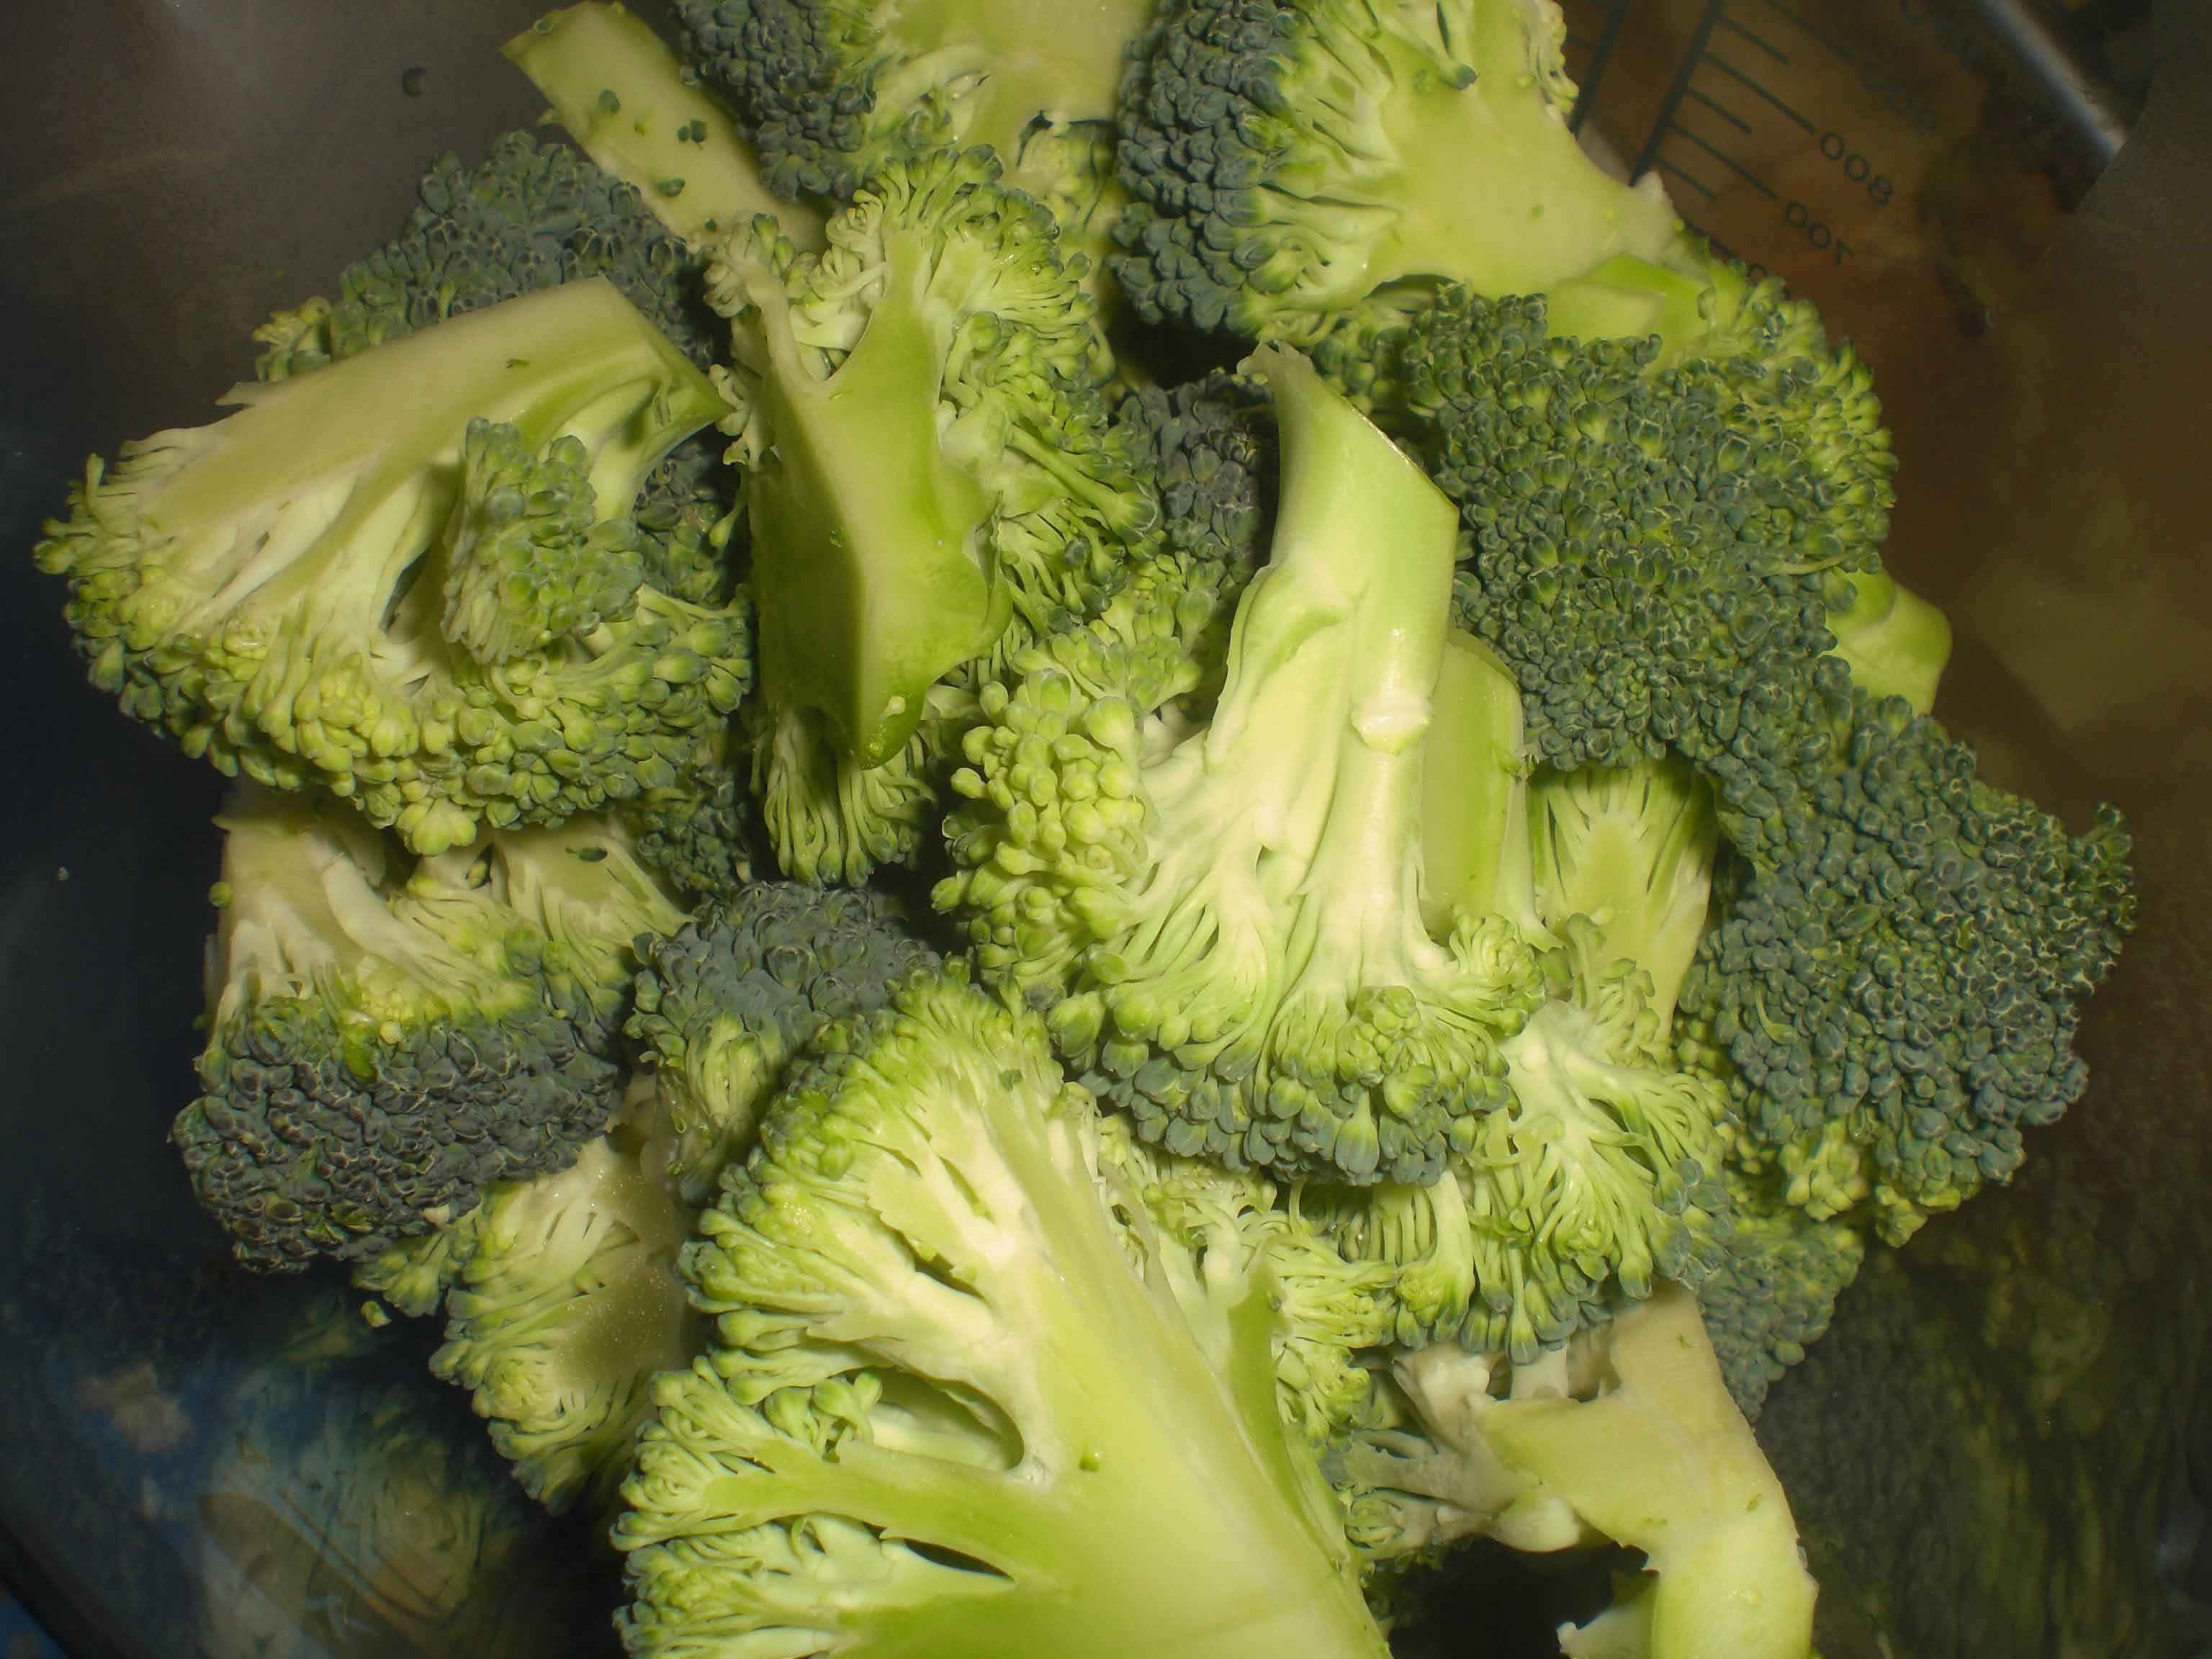 Del broccolien i små buketter.